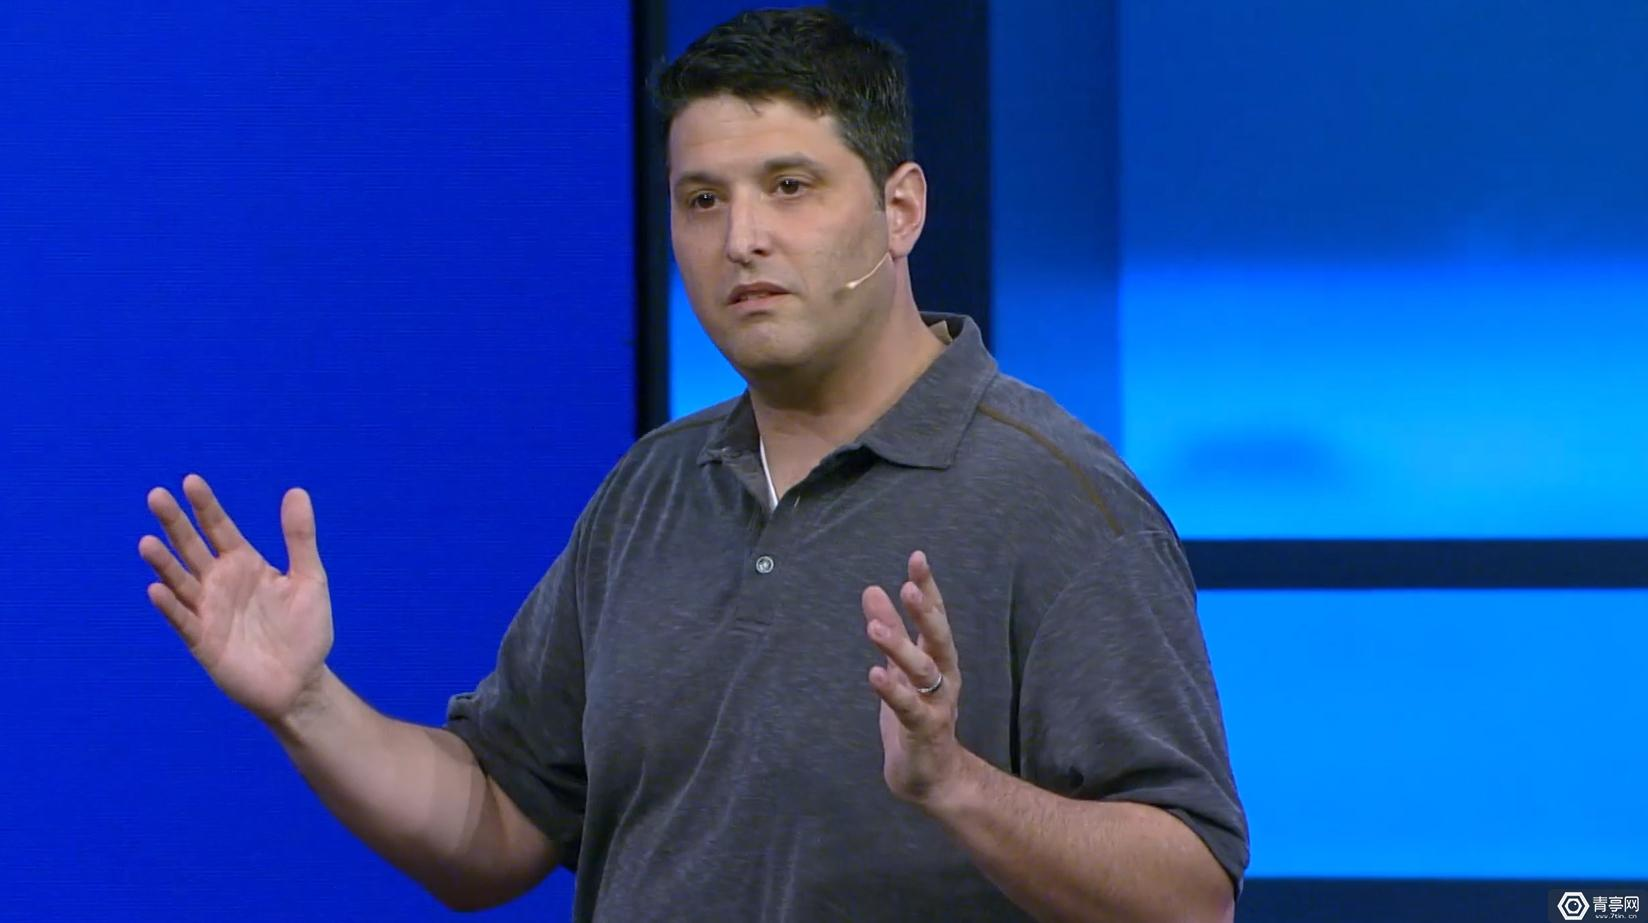 微软高层开喷:Oculus和HTC弱爆了,我们的又便宜又棒!